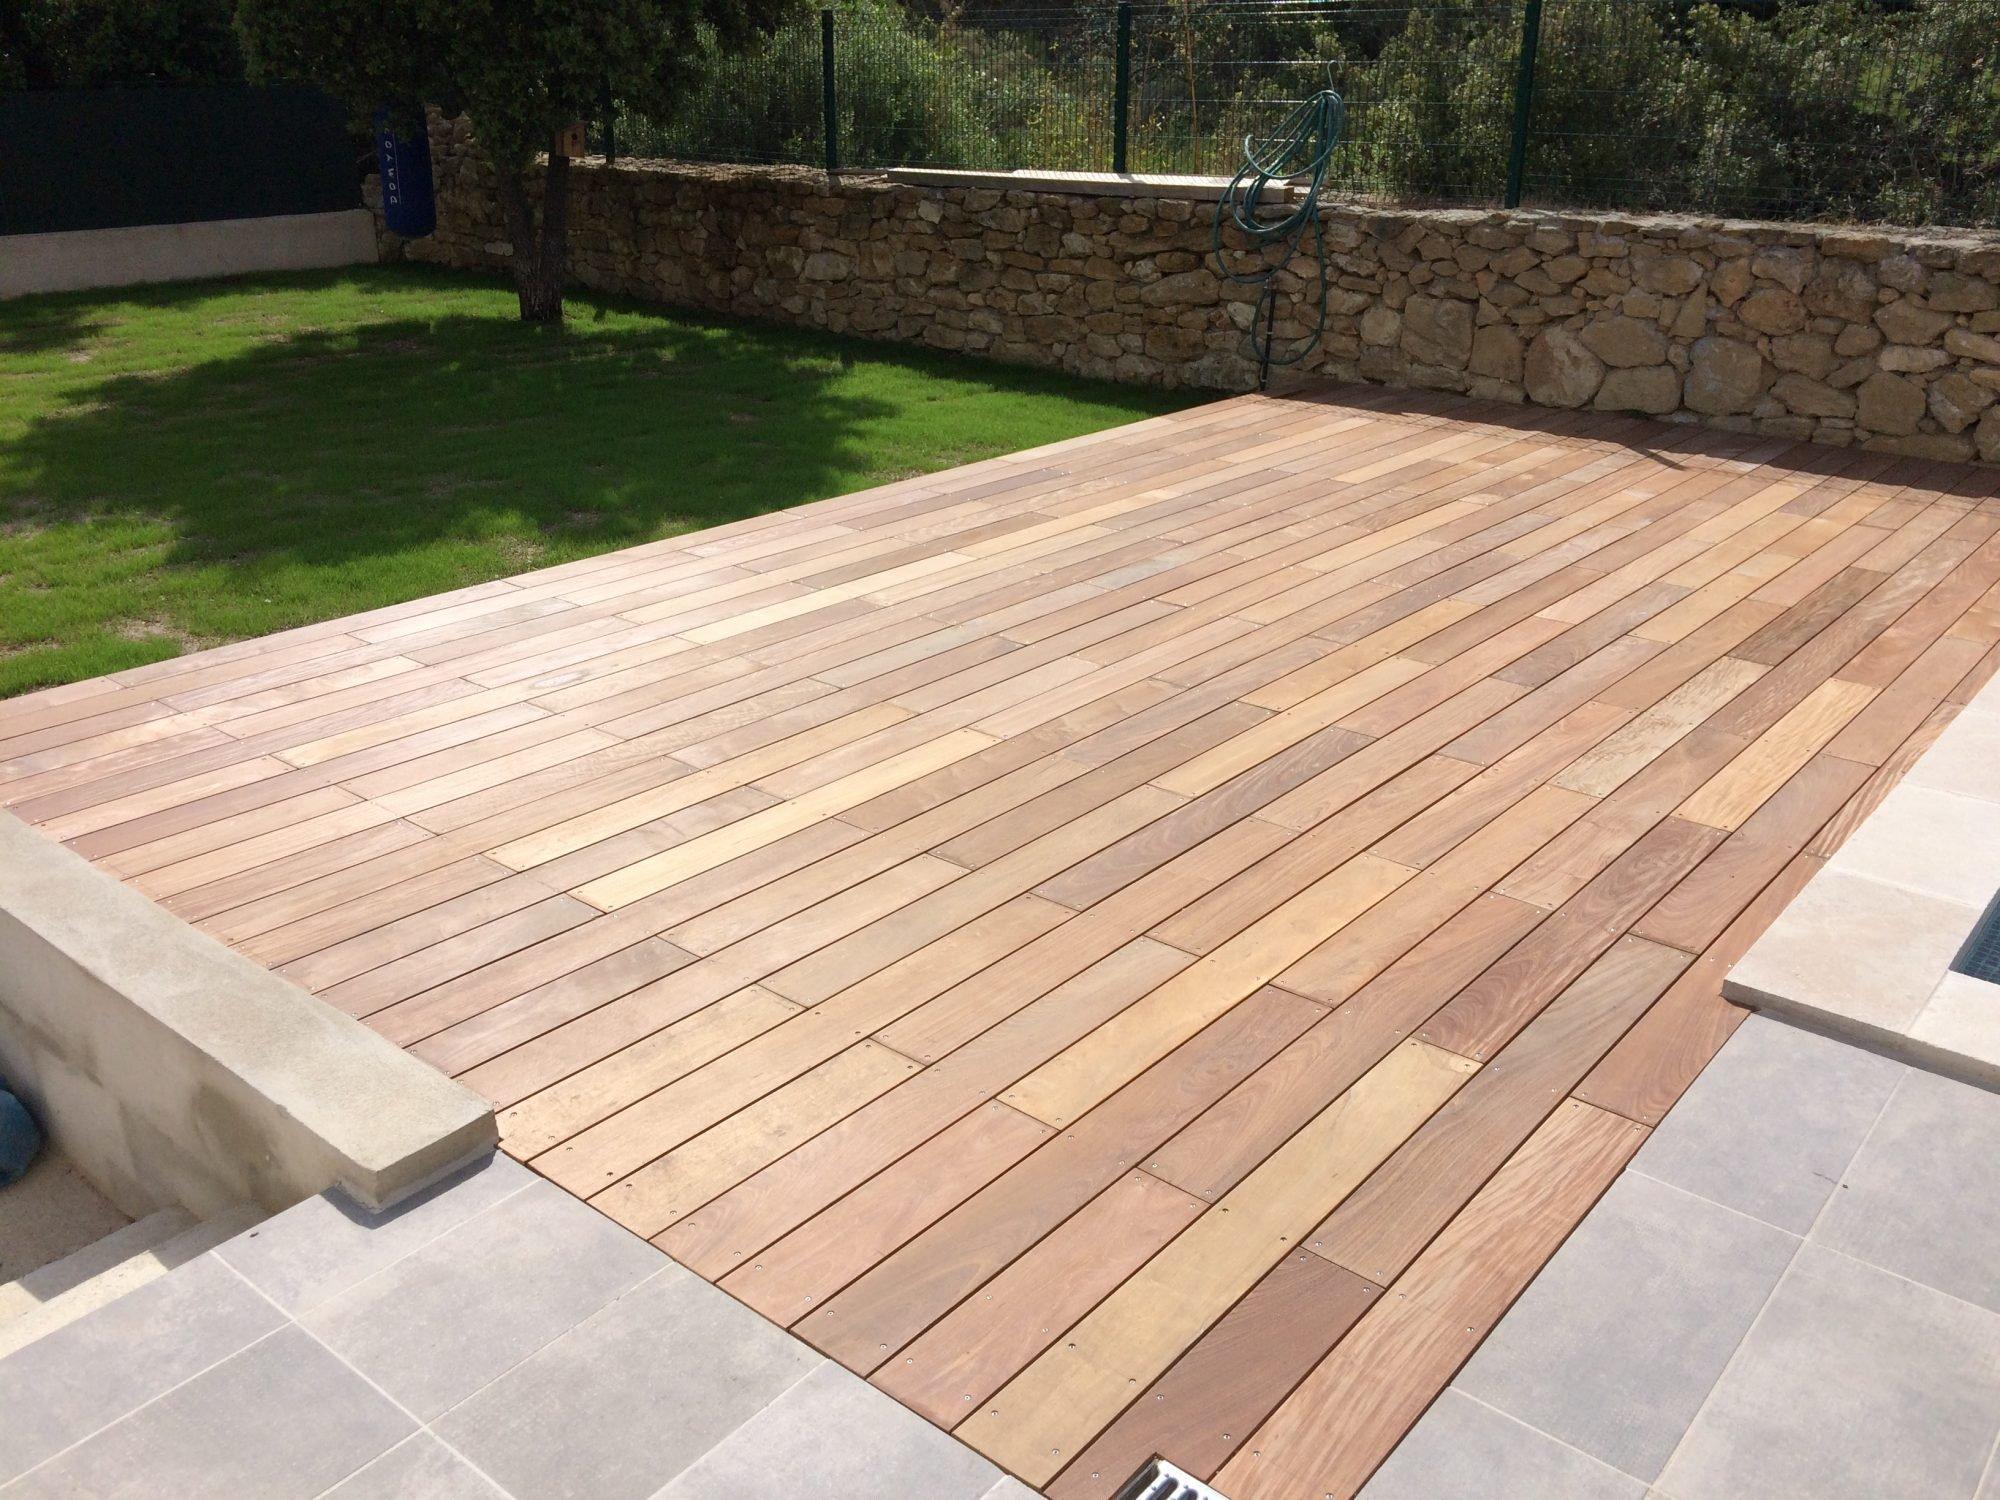 Bois Pour Terrasse Extérieure terrasse bois ou terrasse carrelage : laquelle choisir ?